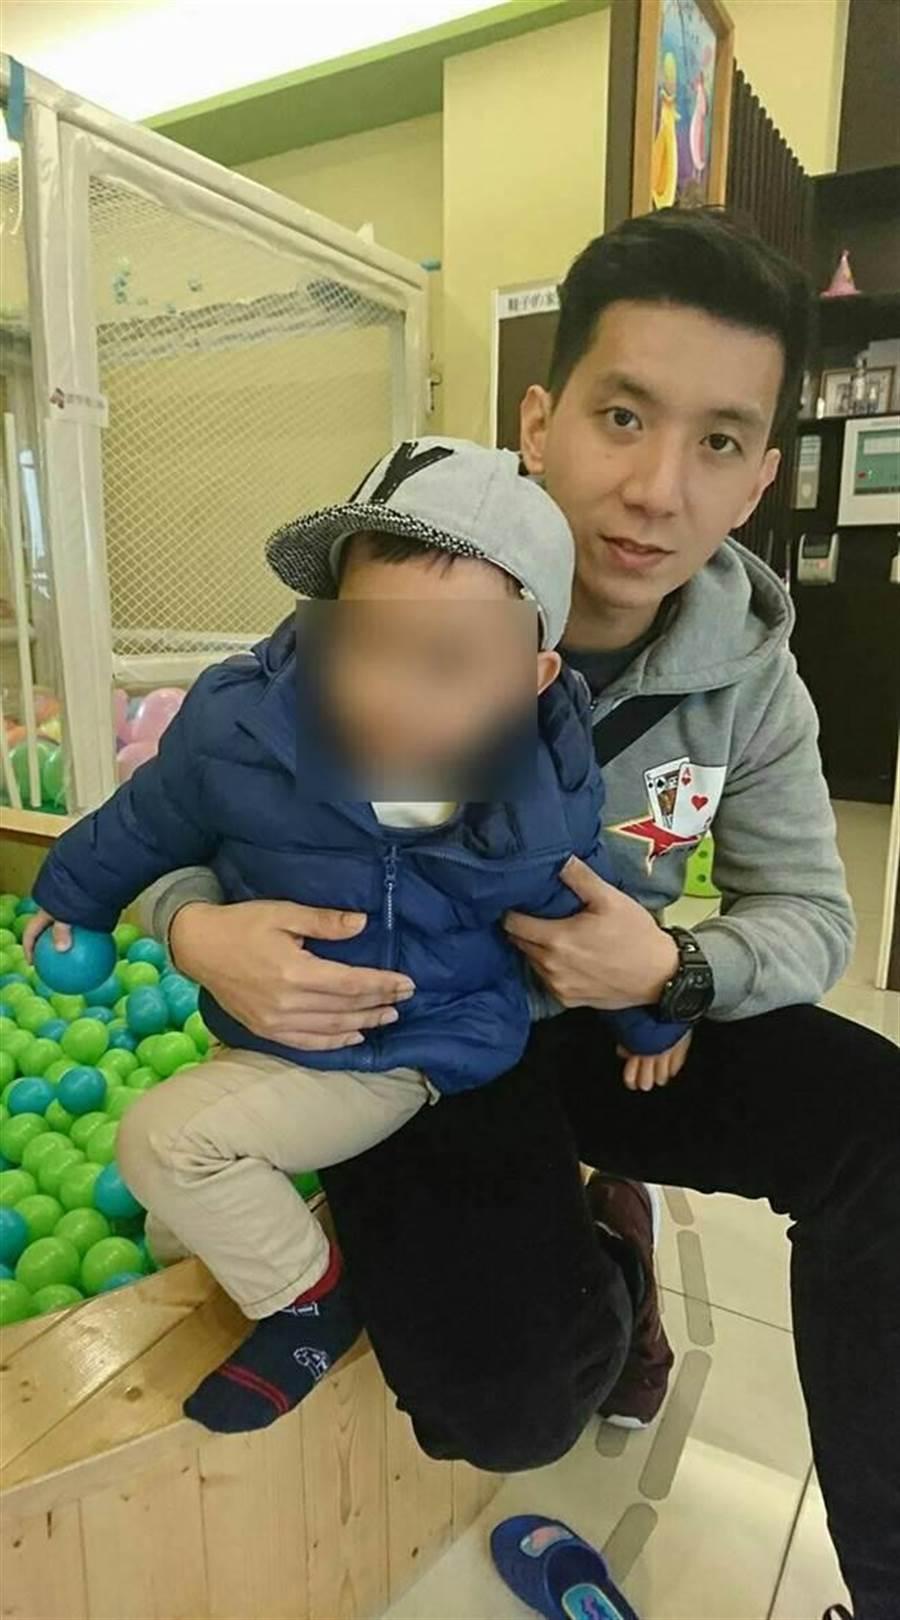 殉職飛官愛家愛小孩  一句「兒子對不起」讓人淚崩 (翻攝自臉書)